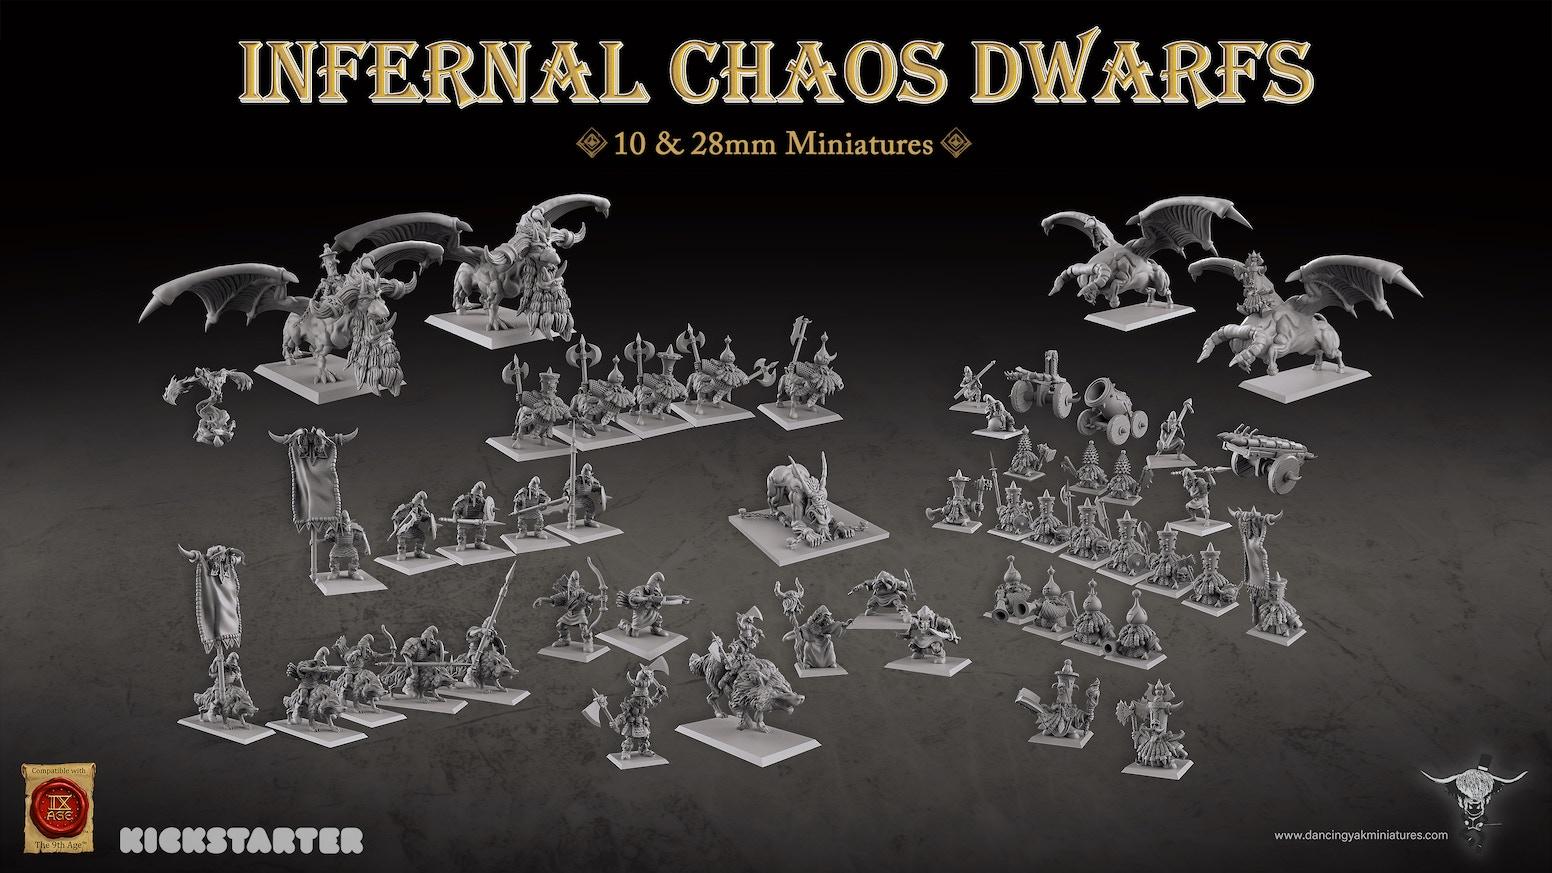 Infernal Chaos Dwarfs Hobgoblins Miniatures By Dancing Yak